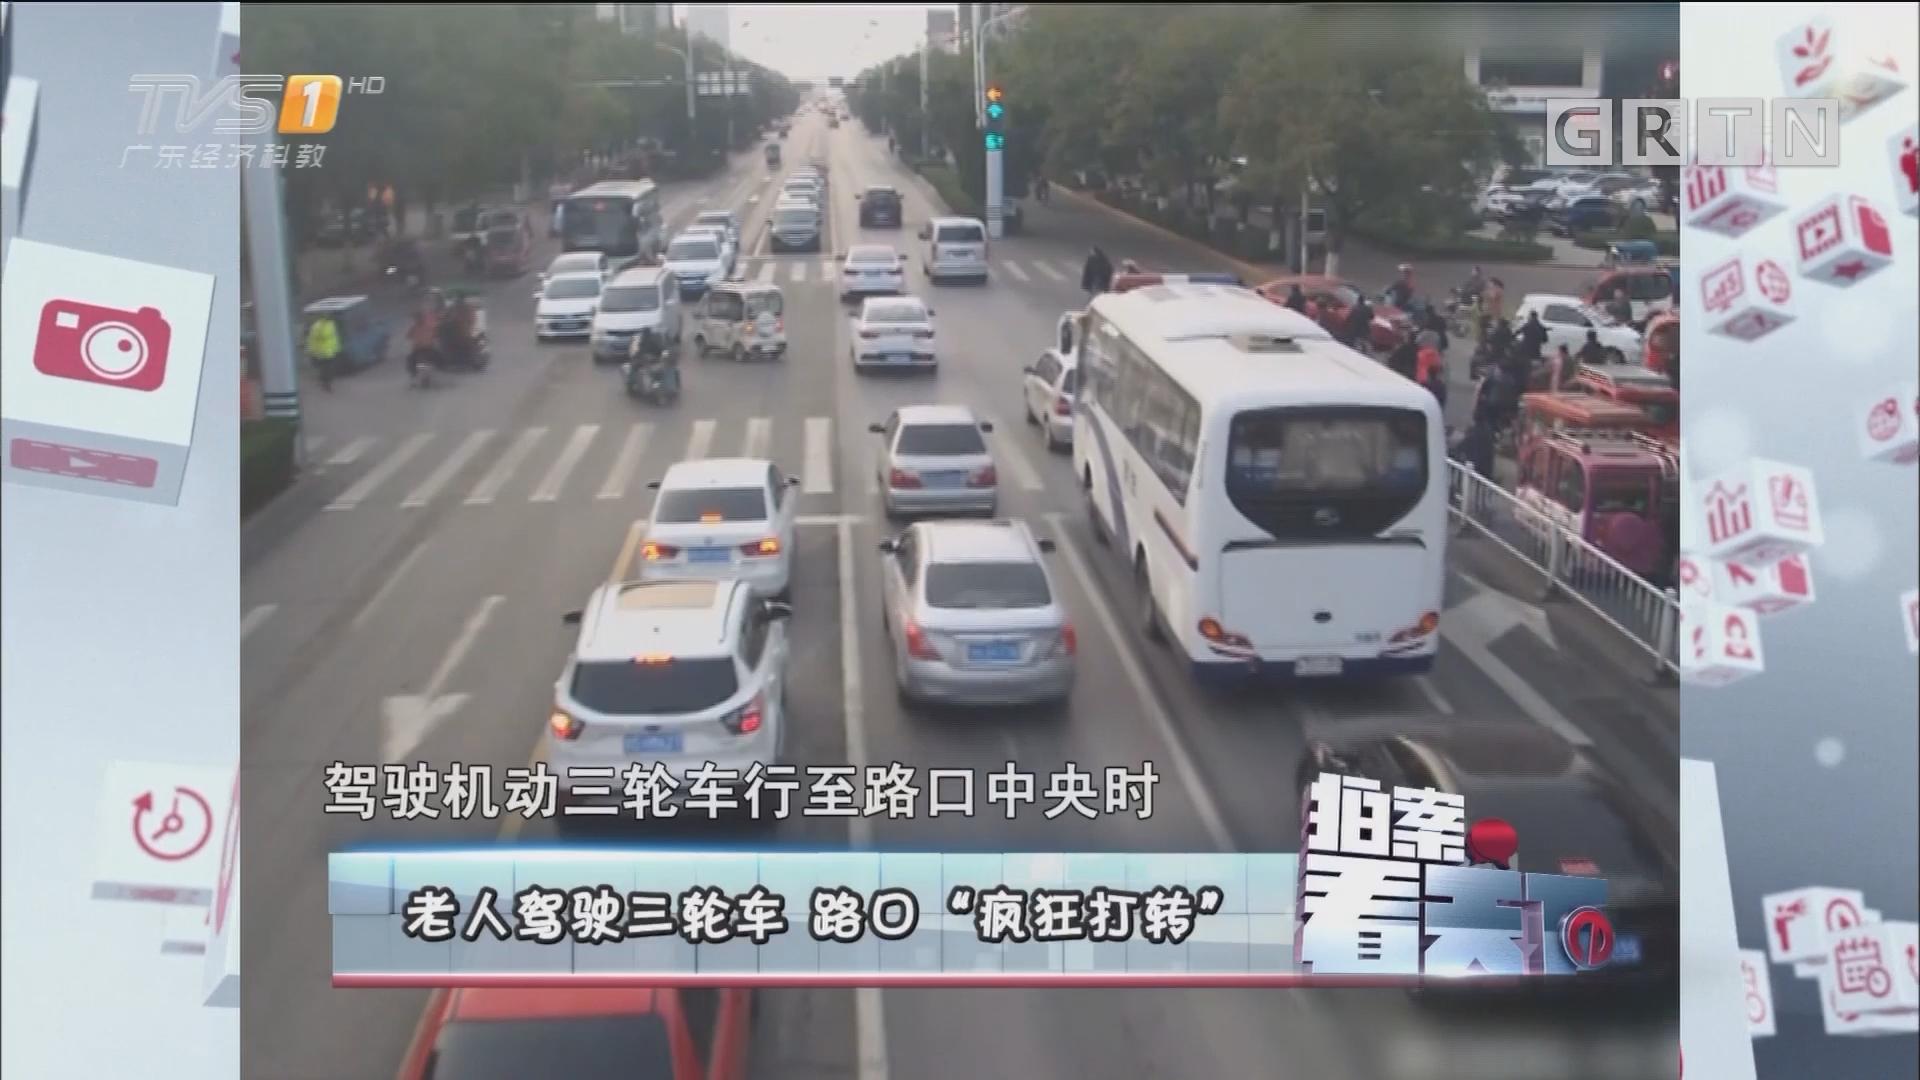 """[HD][2017-11-24]拍案看天下:老人驾驶三轮车 路口""""疯狂打转"""""""